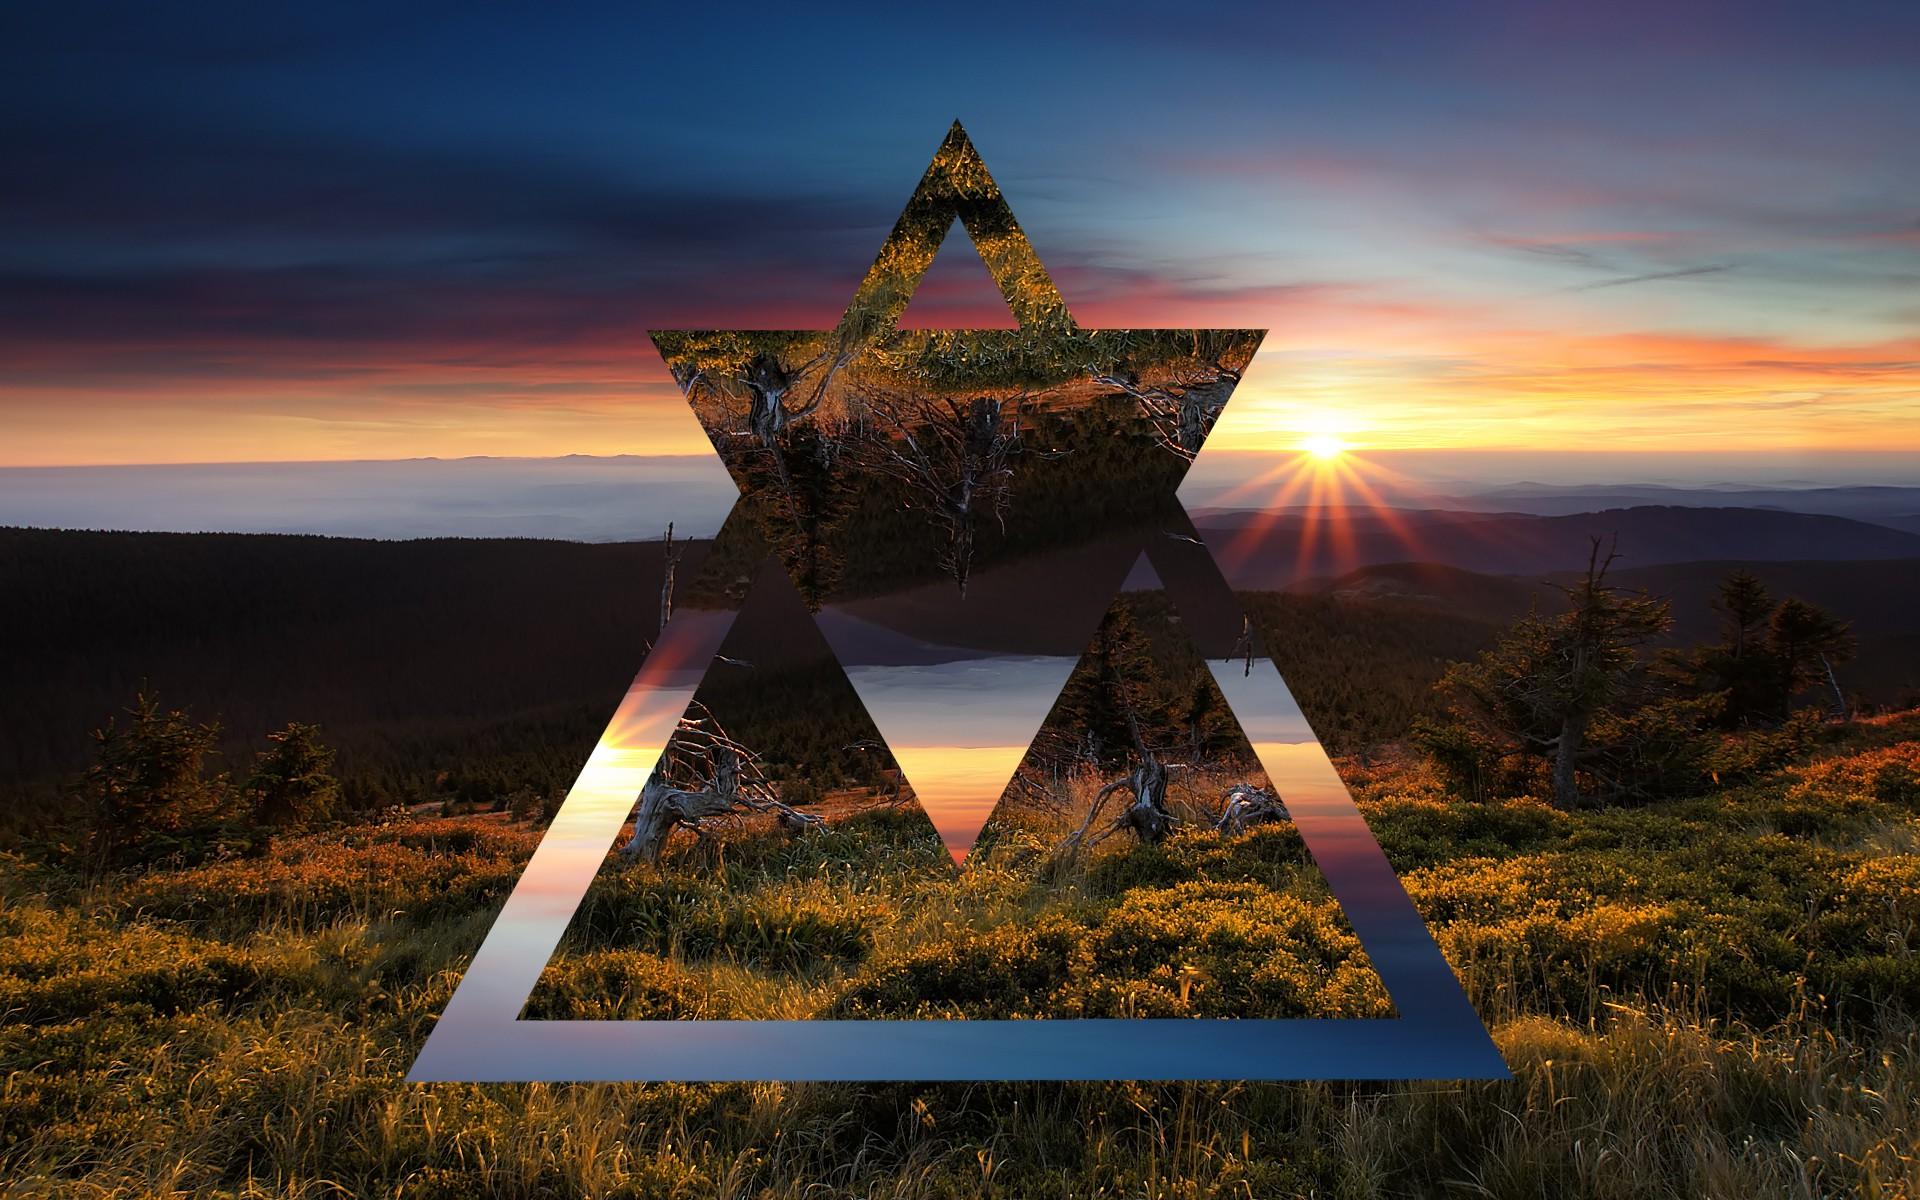 треугольник на фото объеденил стиль